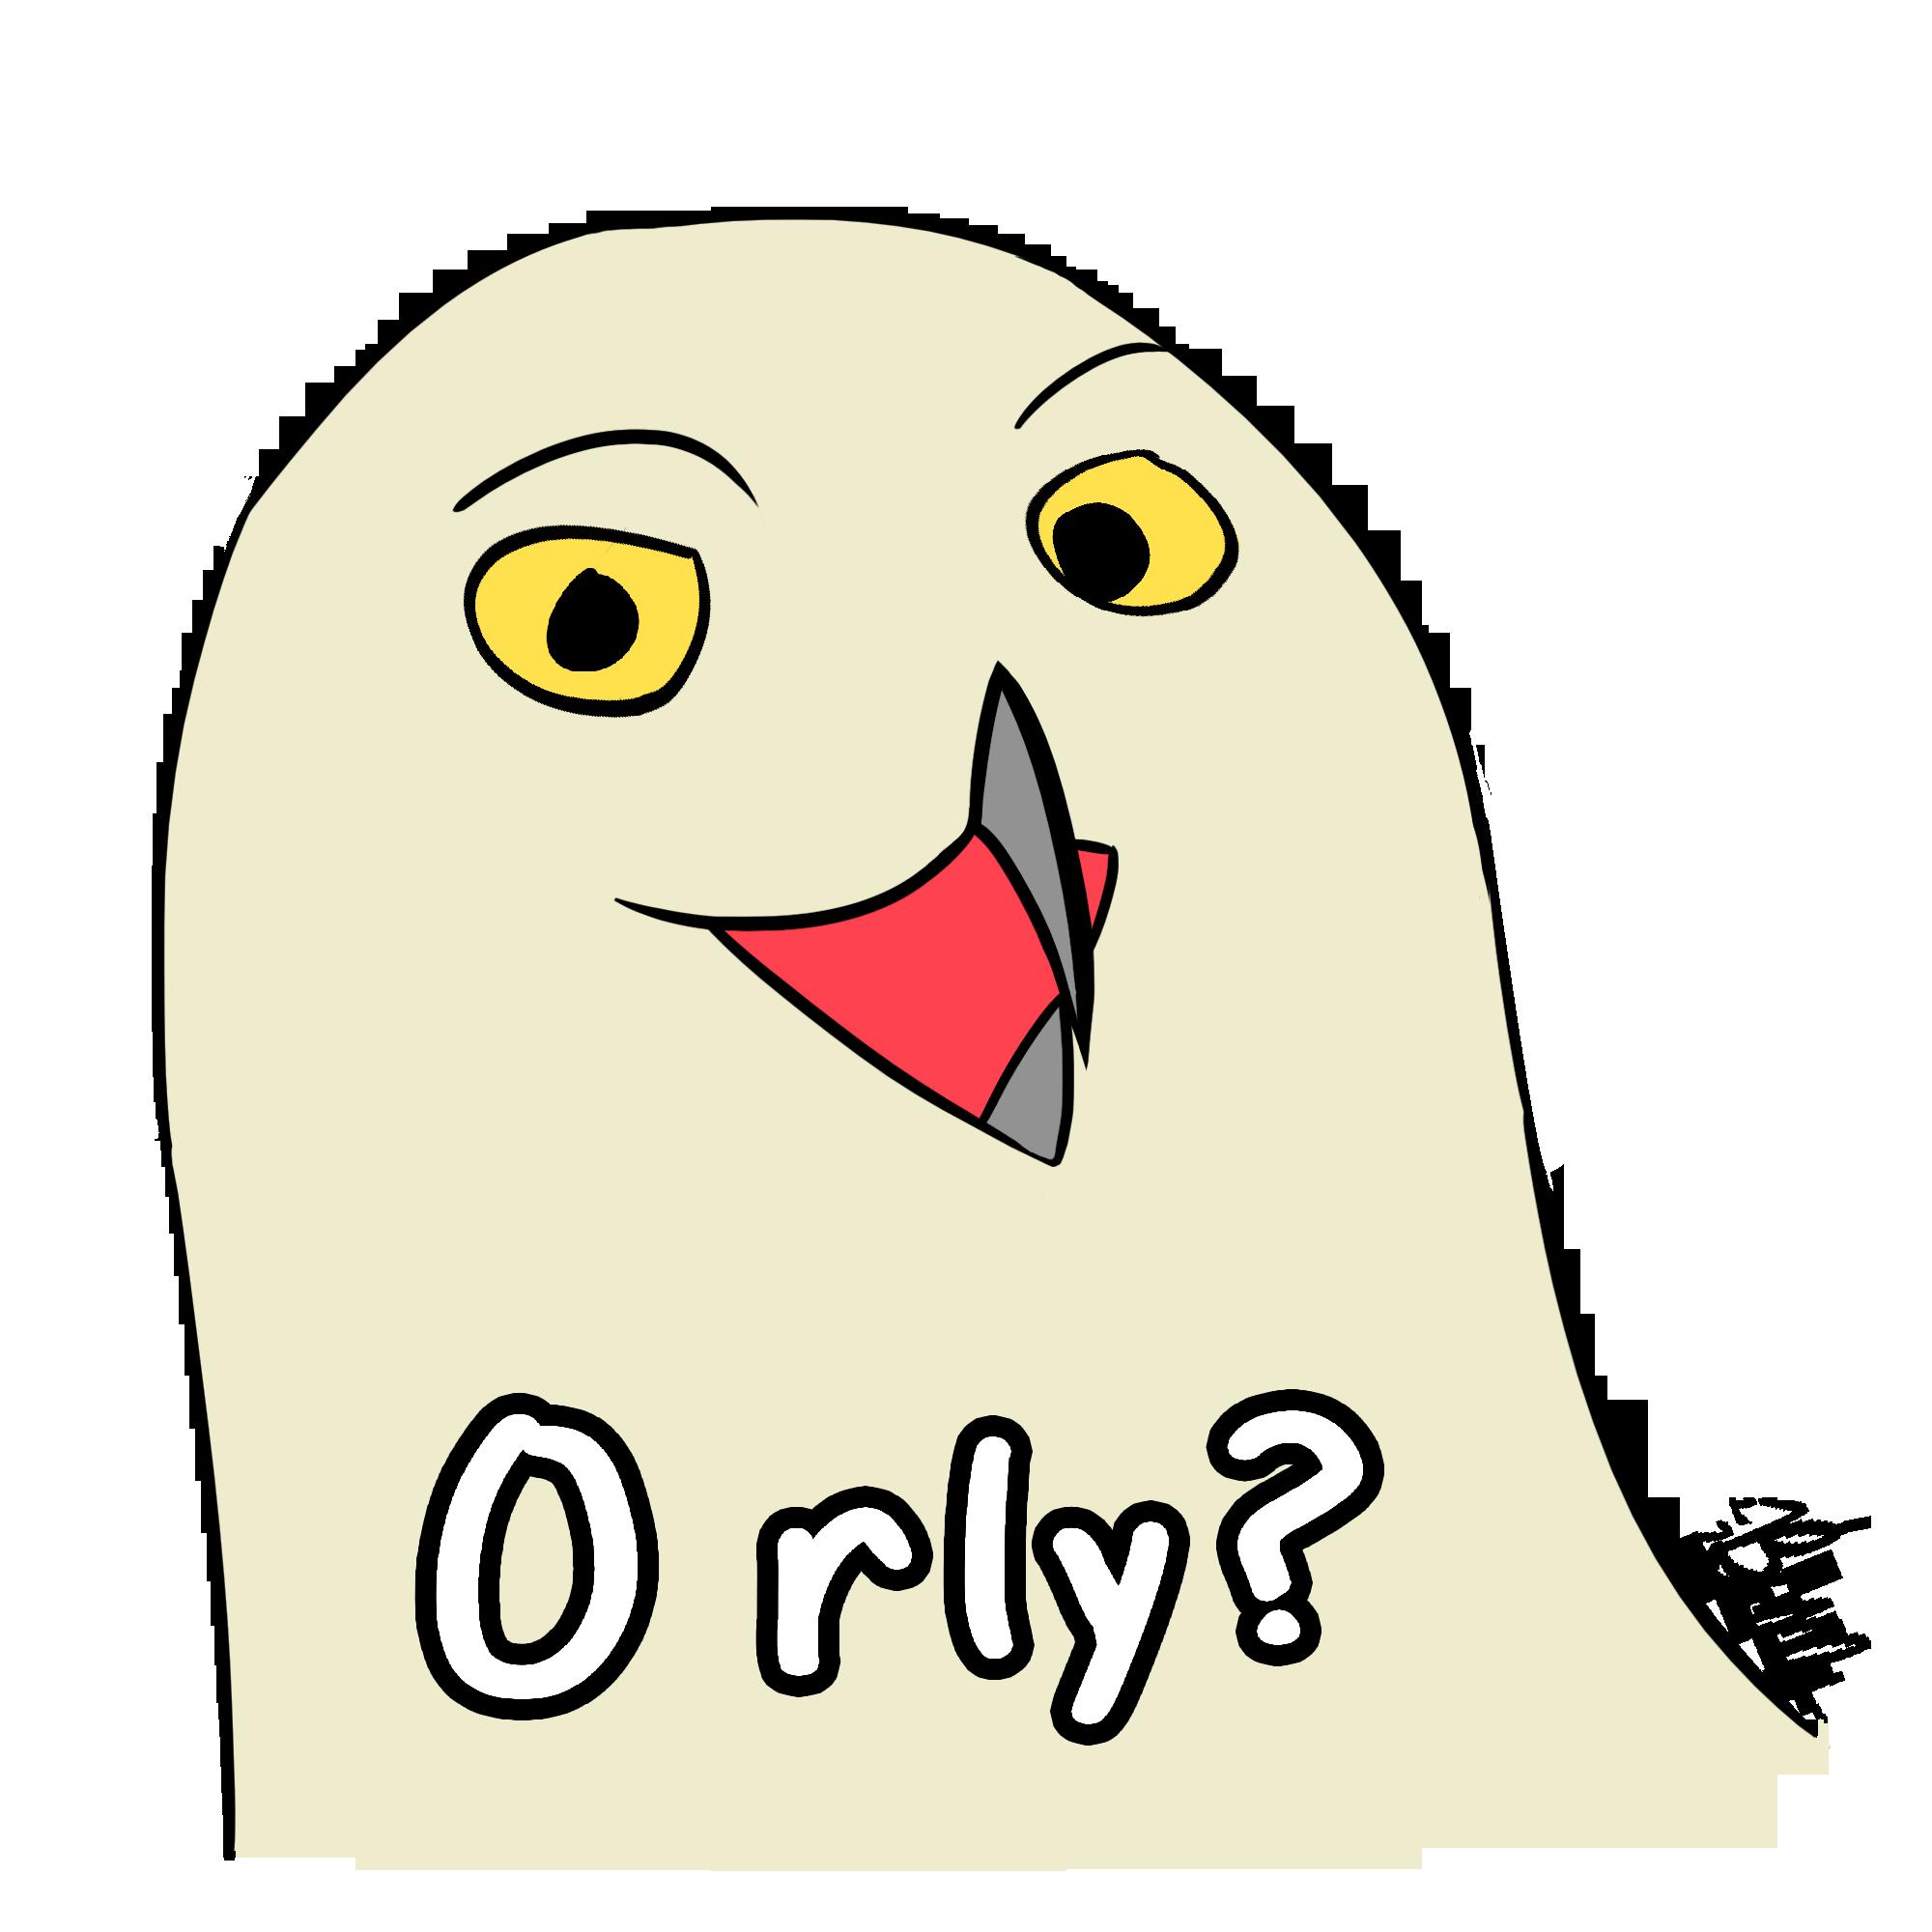 O Rly Owl